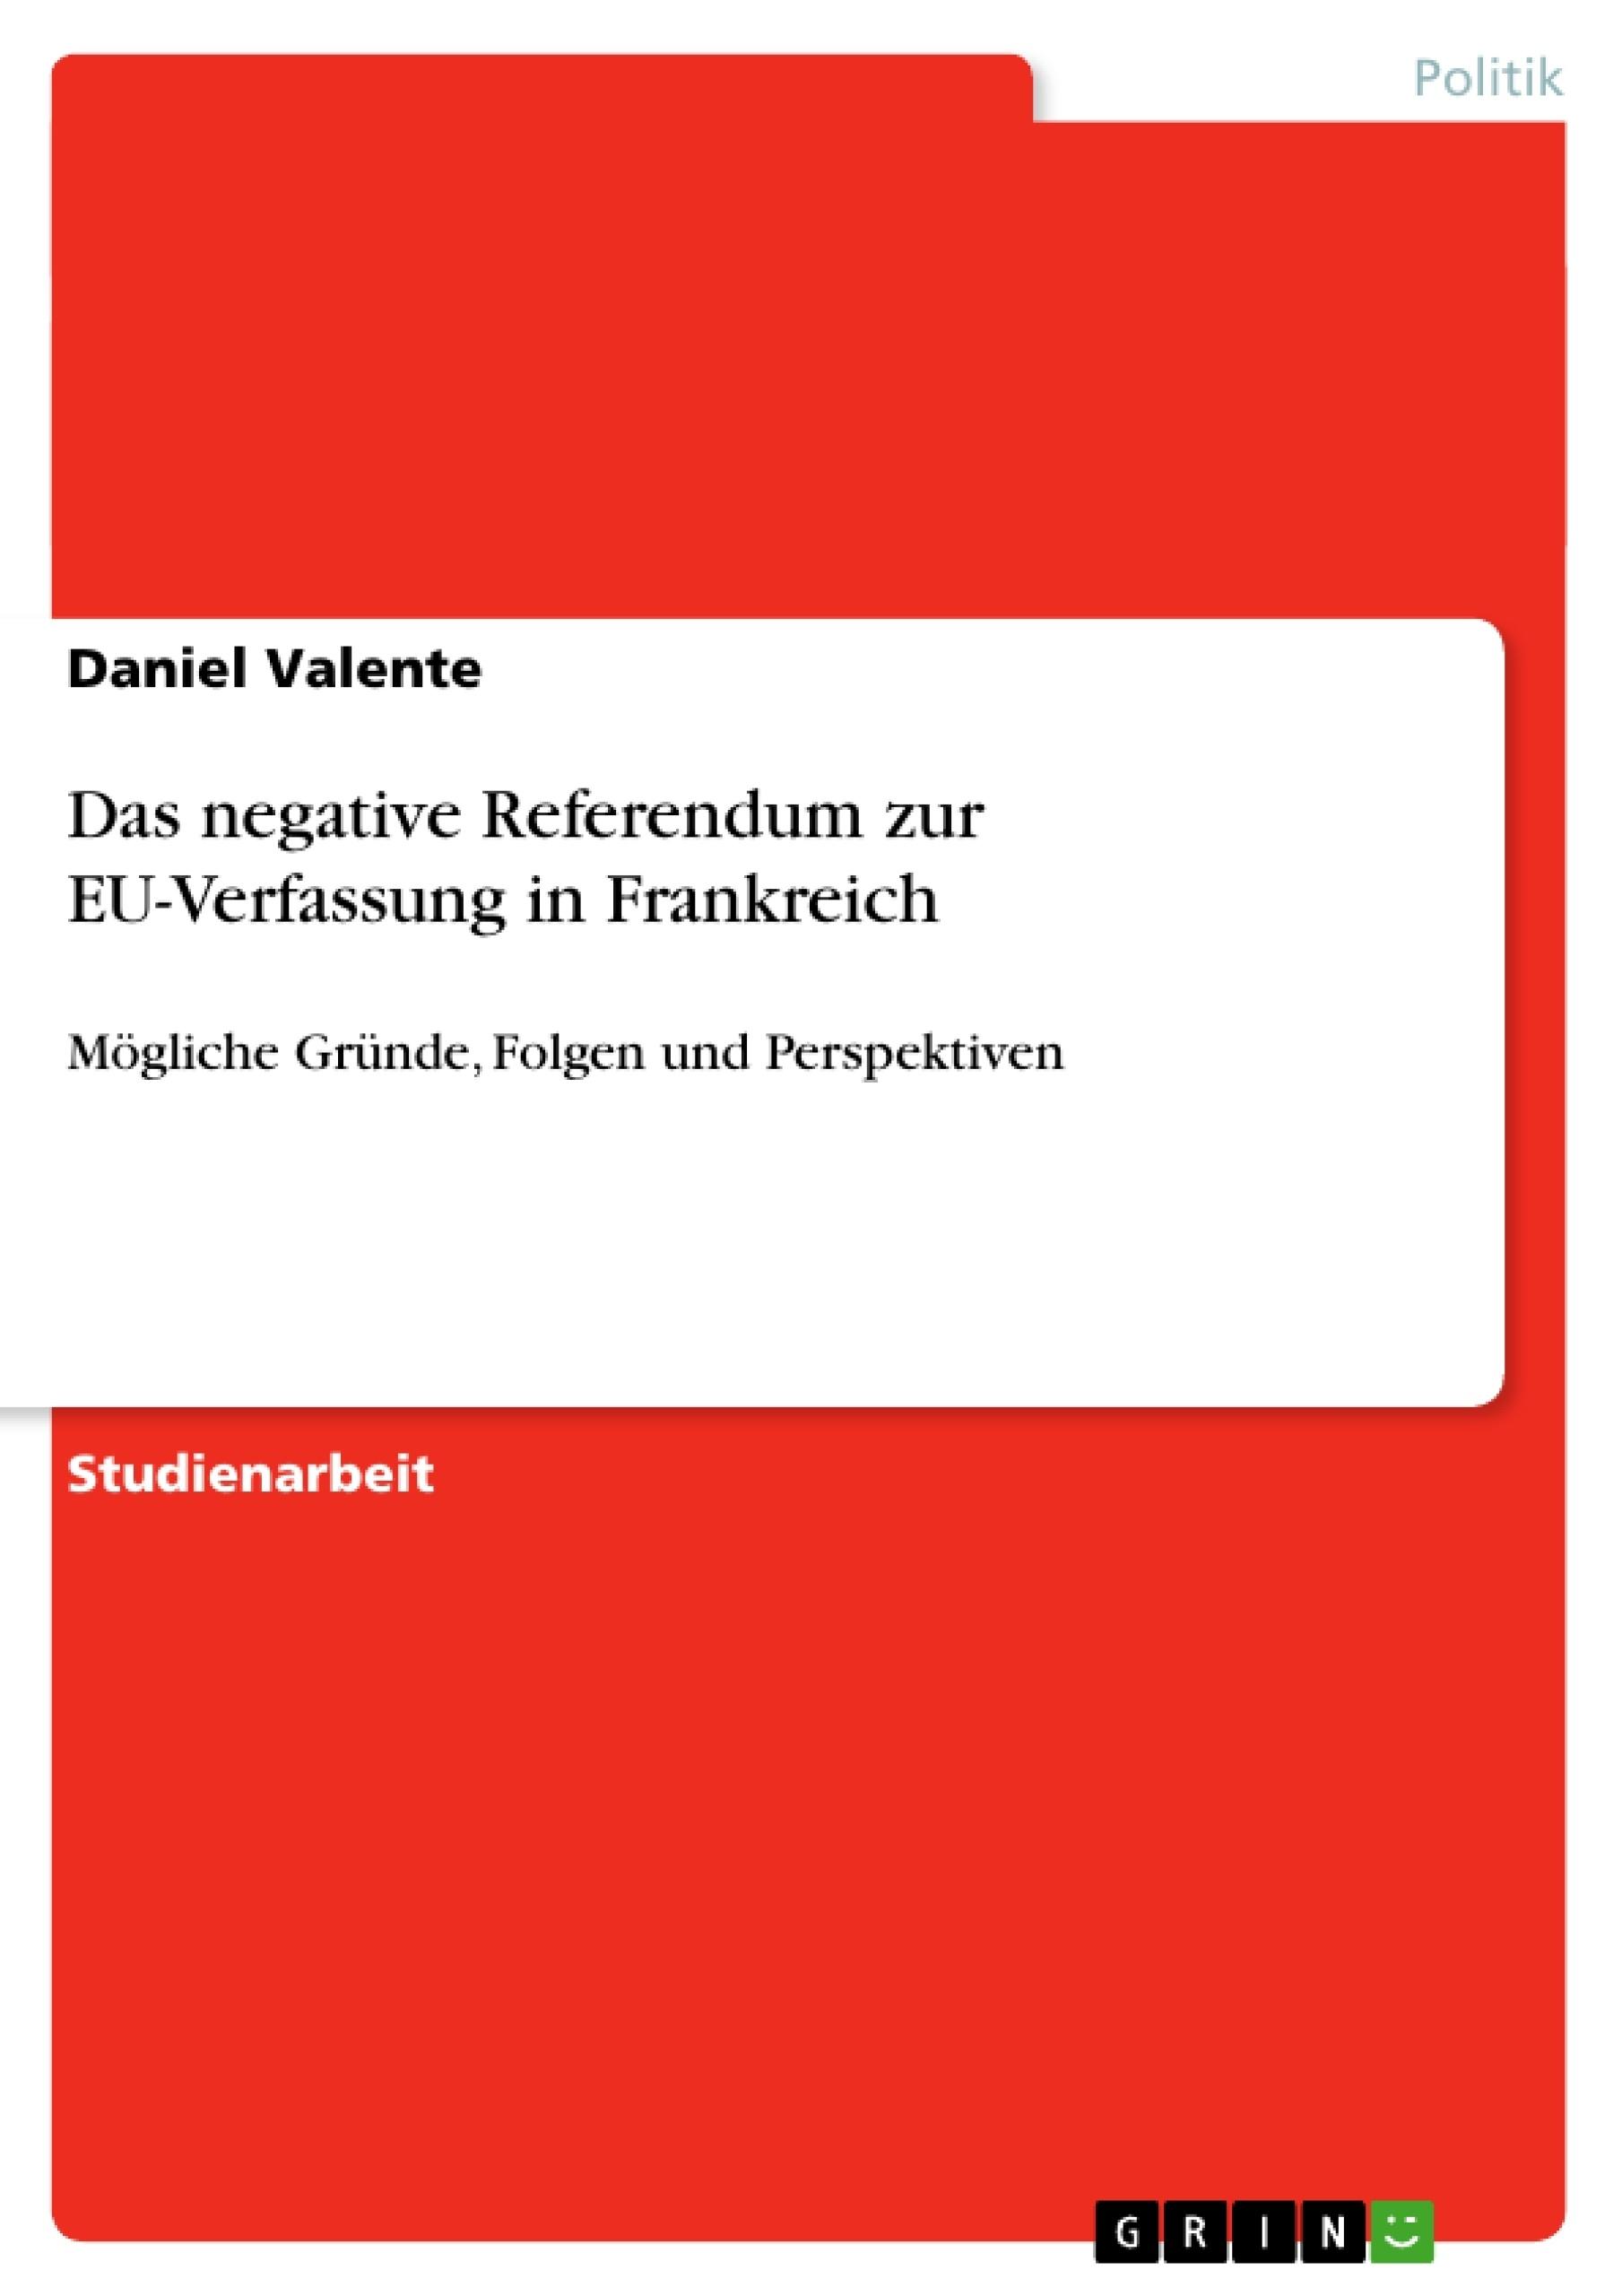 Titel: Das negative Referendum zur EU-Verfassung in Frankreich